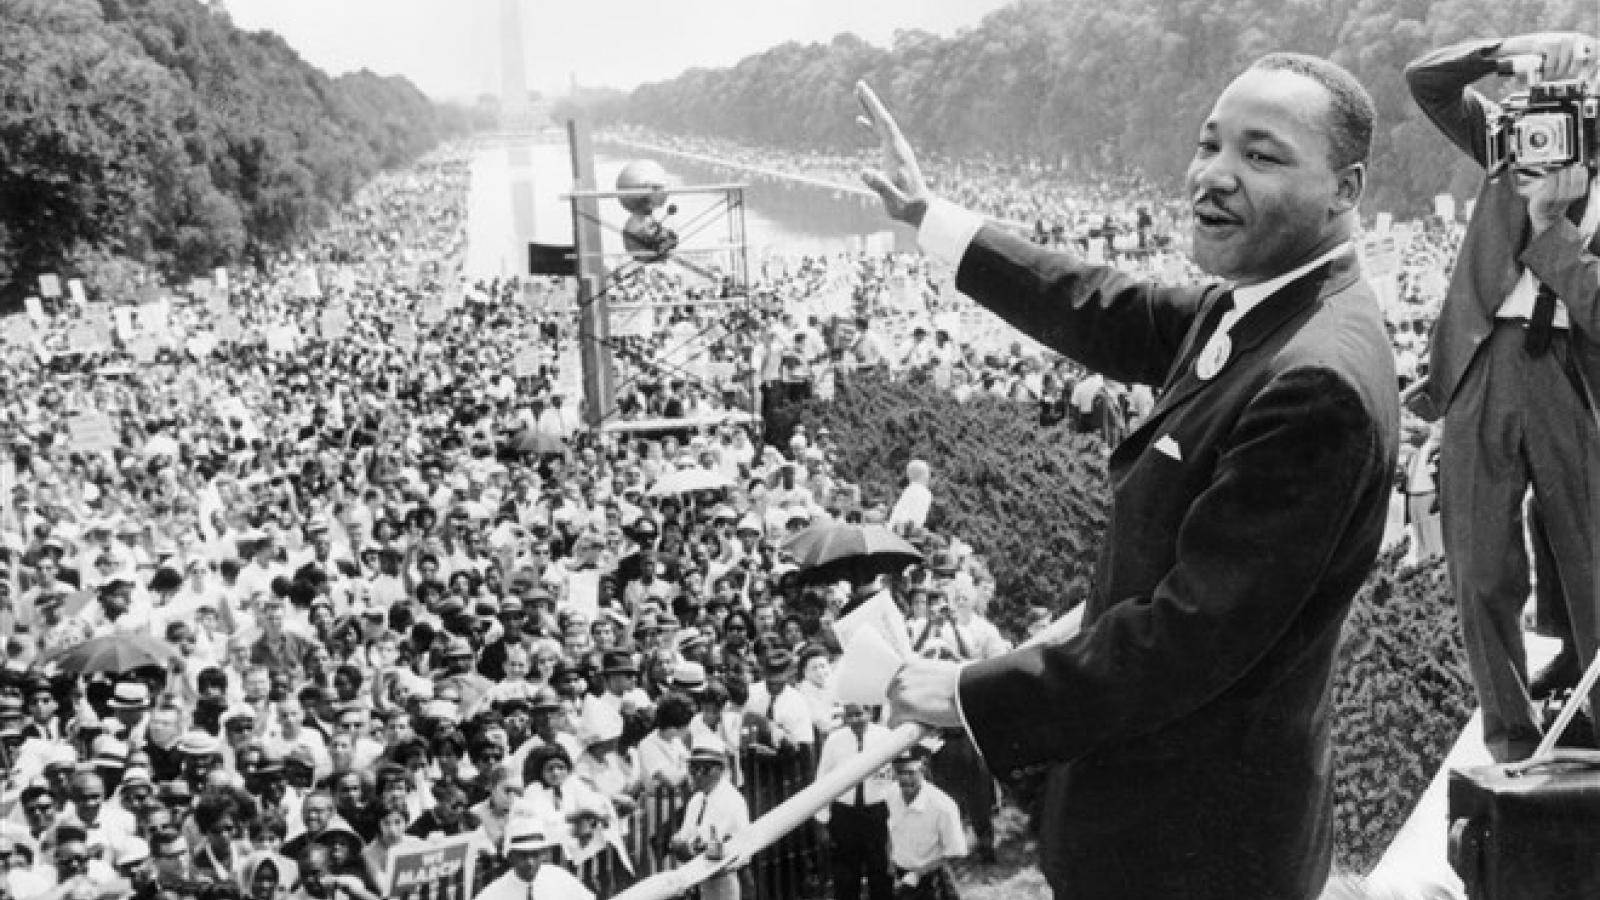 Những hình ảnh đáng nhớ trong cuộc đời nhà hoạt động nhân quyền Luther King